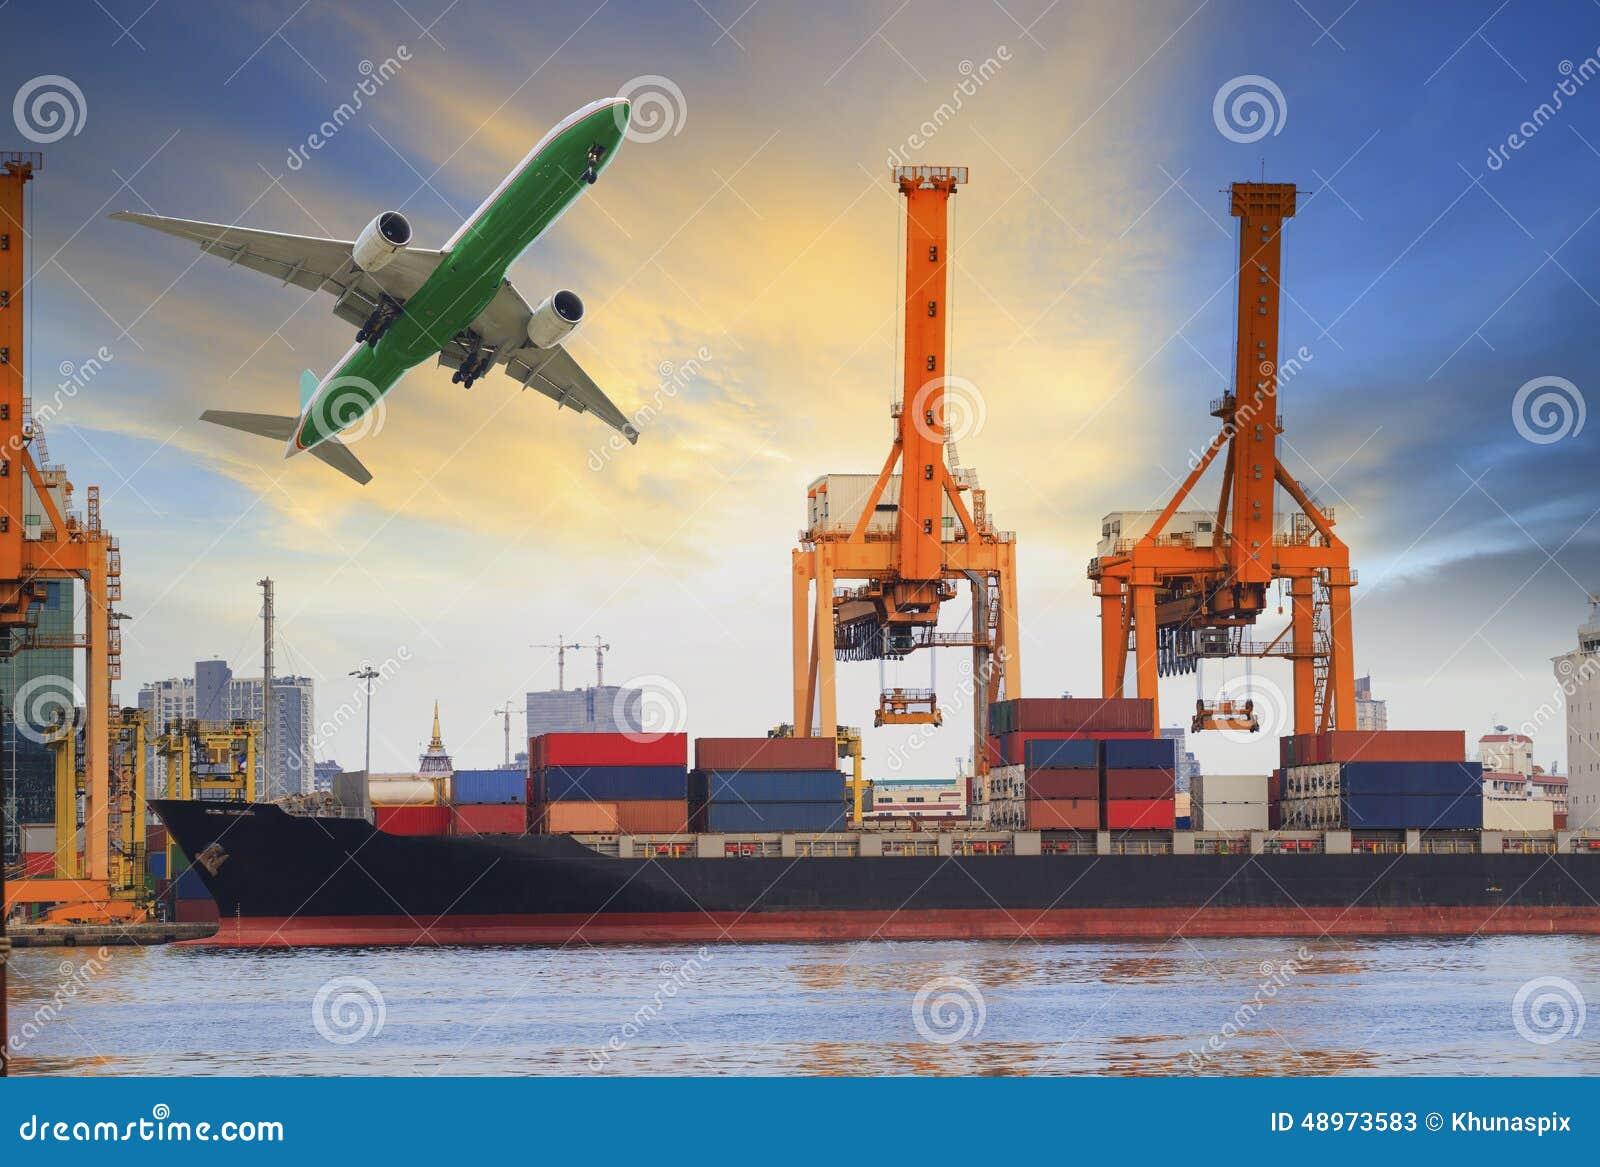 Φόρτωση σκαφών εμπορευματοκιβωτίων στο λιμένα και αεροπλάνο μεταφοράς εμπορευμάτων που πετά ανωτέρω για τη βιομηχανία μεταφορών ν